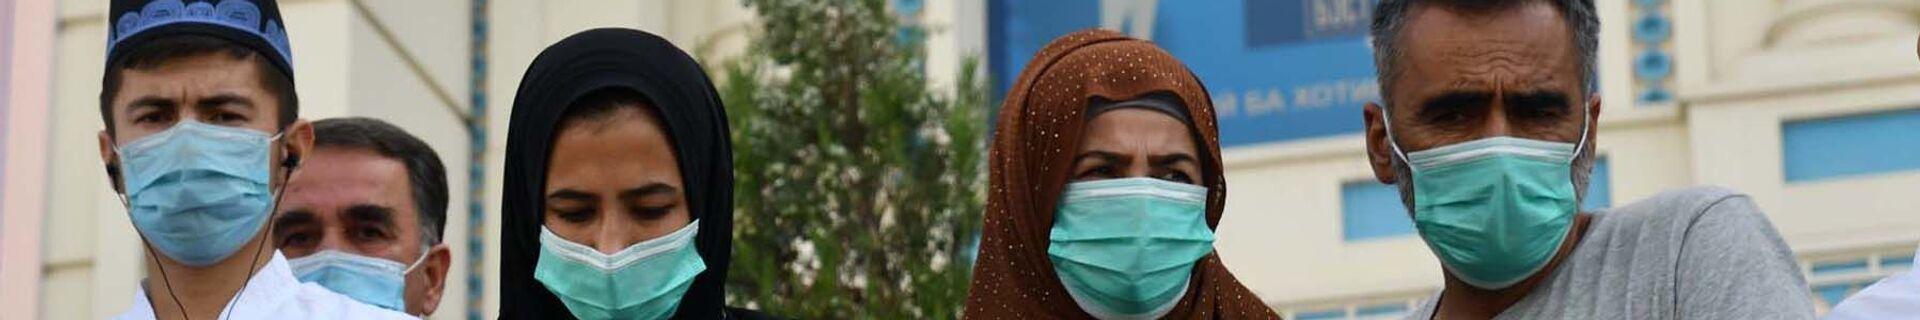 Люди в защитных масках в Душанбе, архивное фото - Sputnik Тоҷикистон, 1920, 07.07.2021